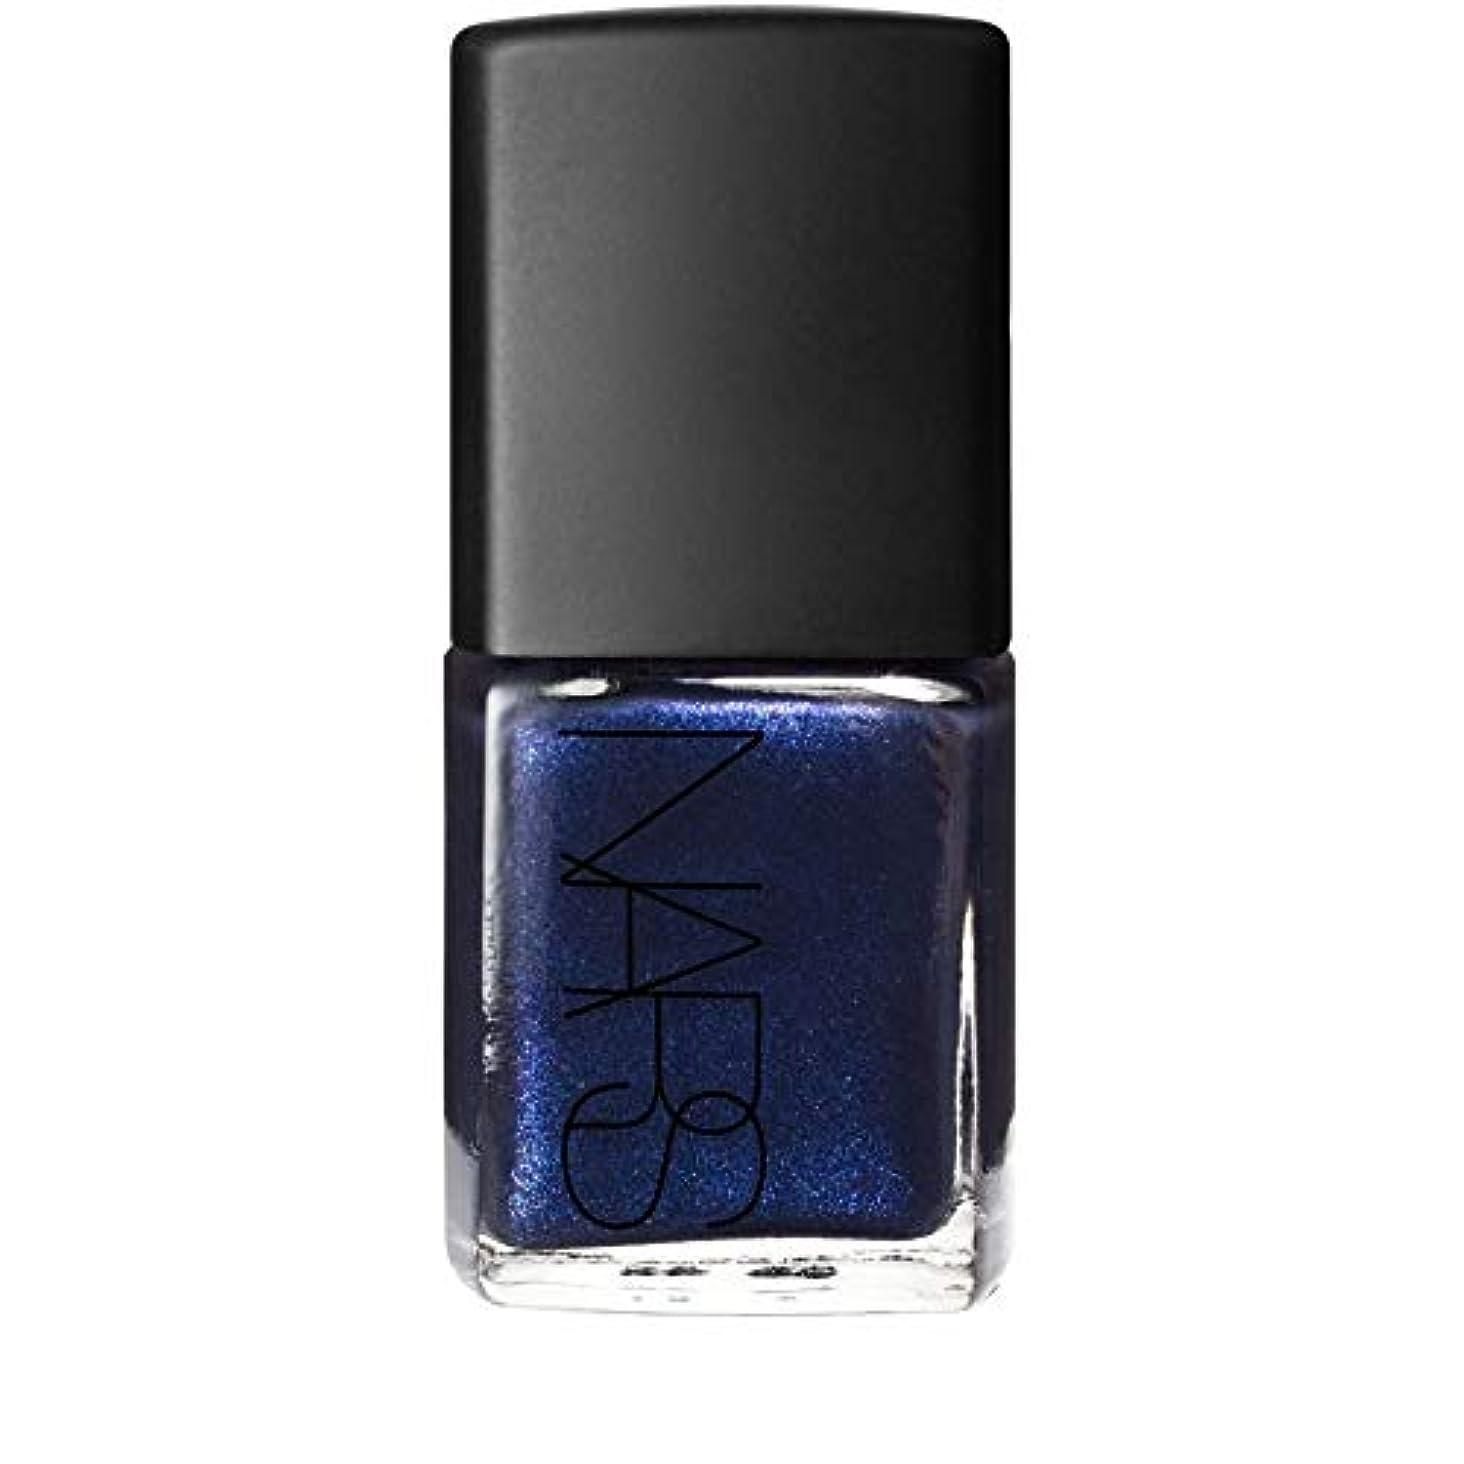 サポート団結囲い[Nars] 青色の夜間飛行の真珠でのNarマニキュアを - Nars Nail Polish in Night Flight Pearl Blue [並行輸入品]